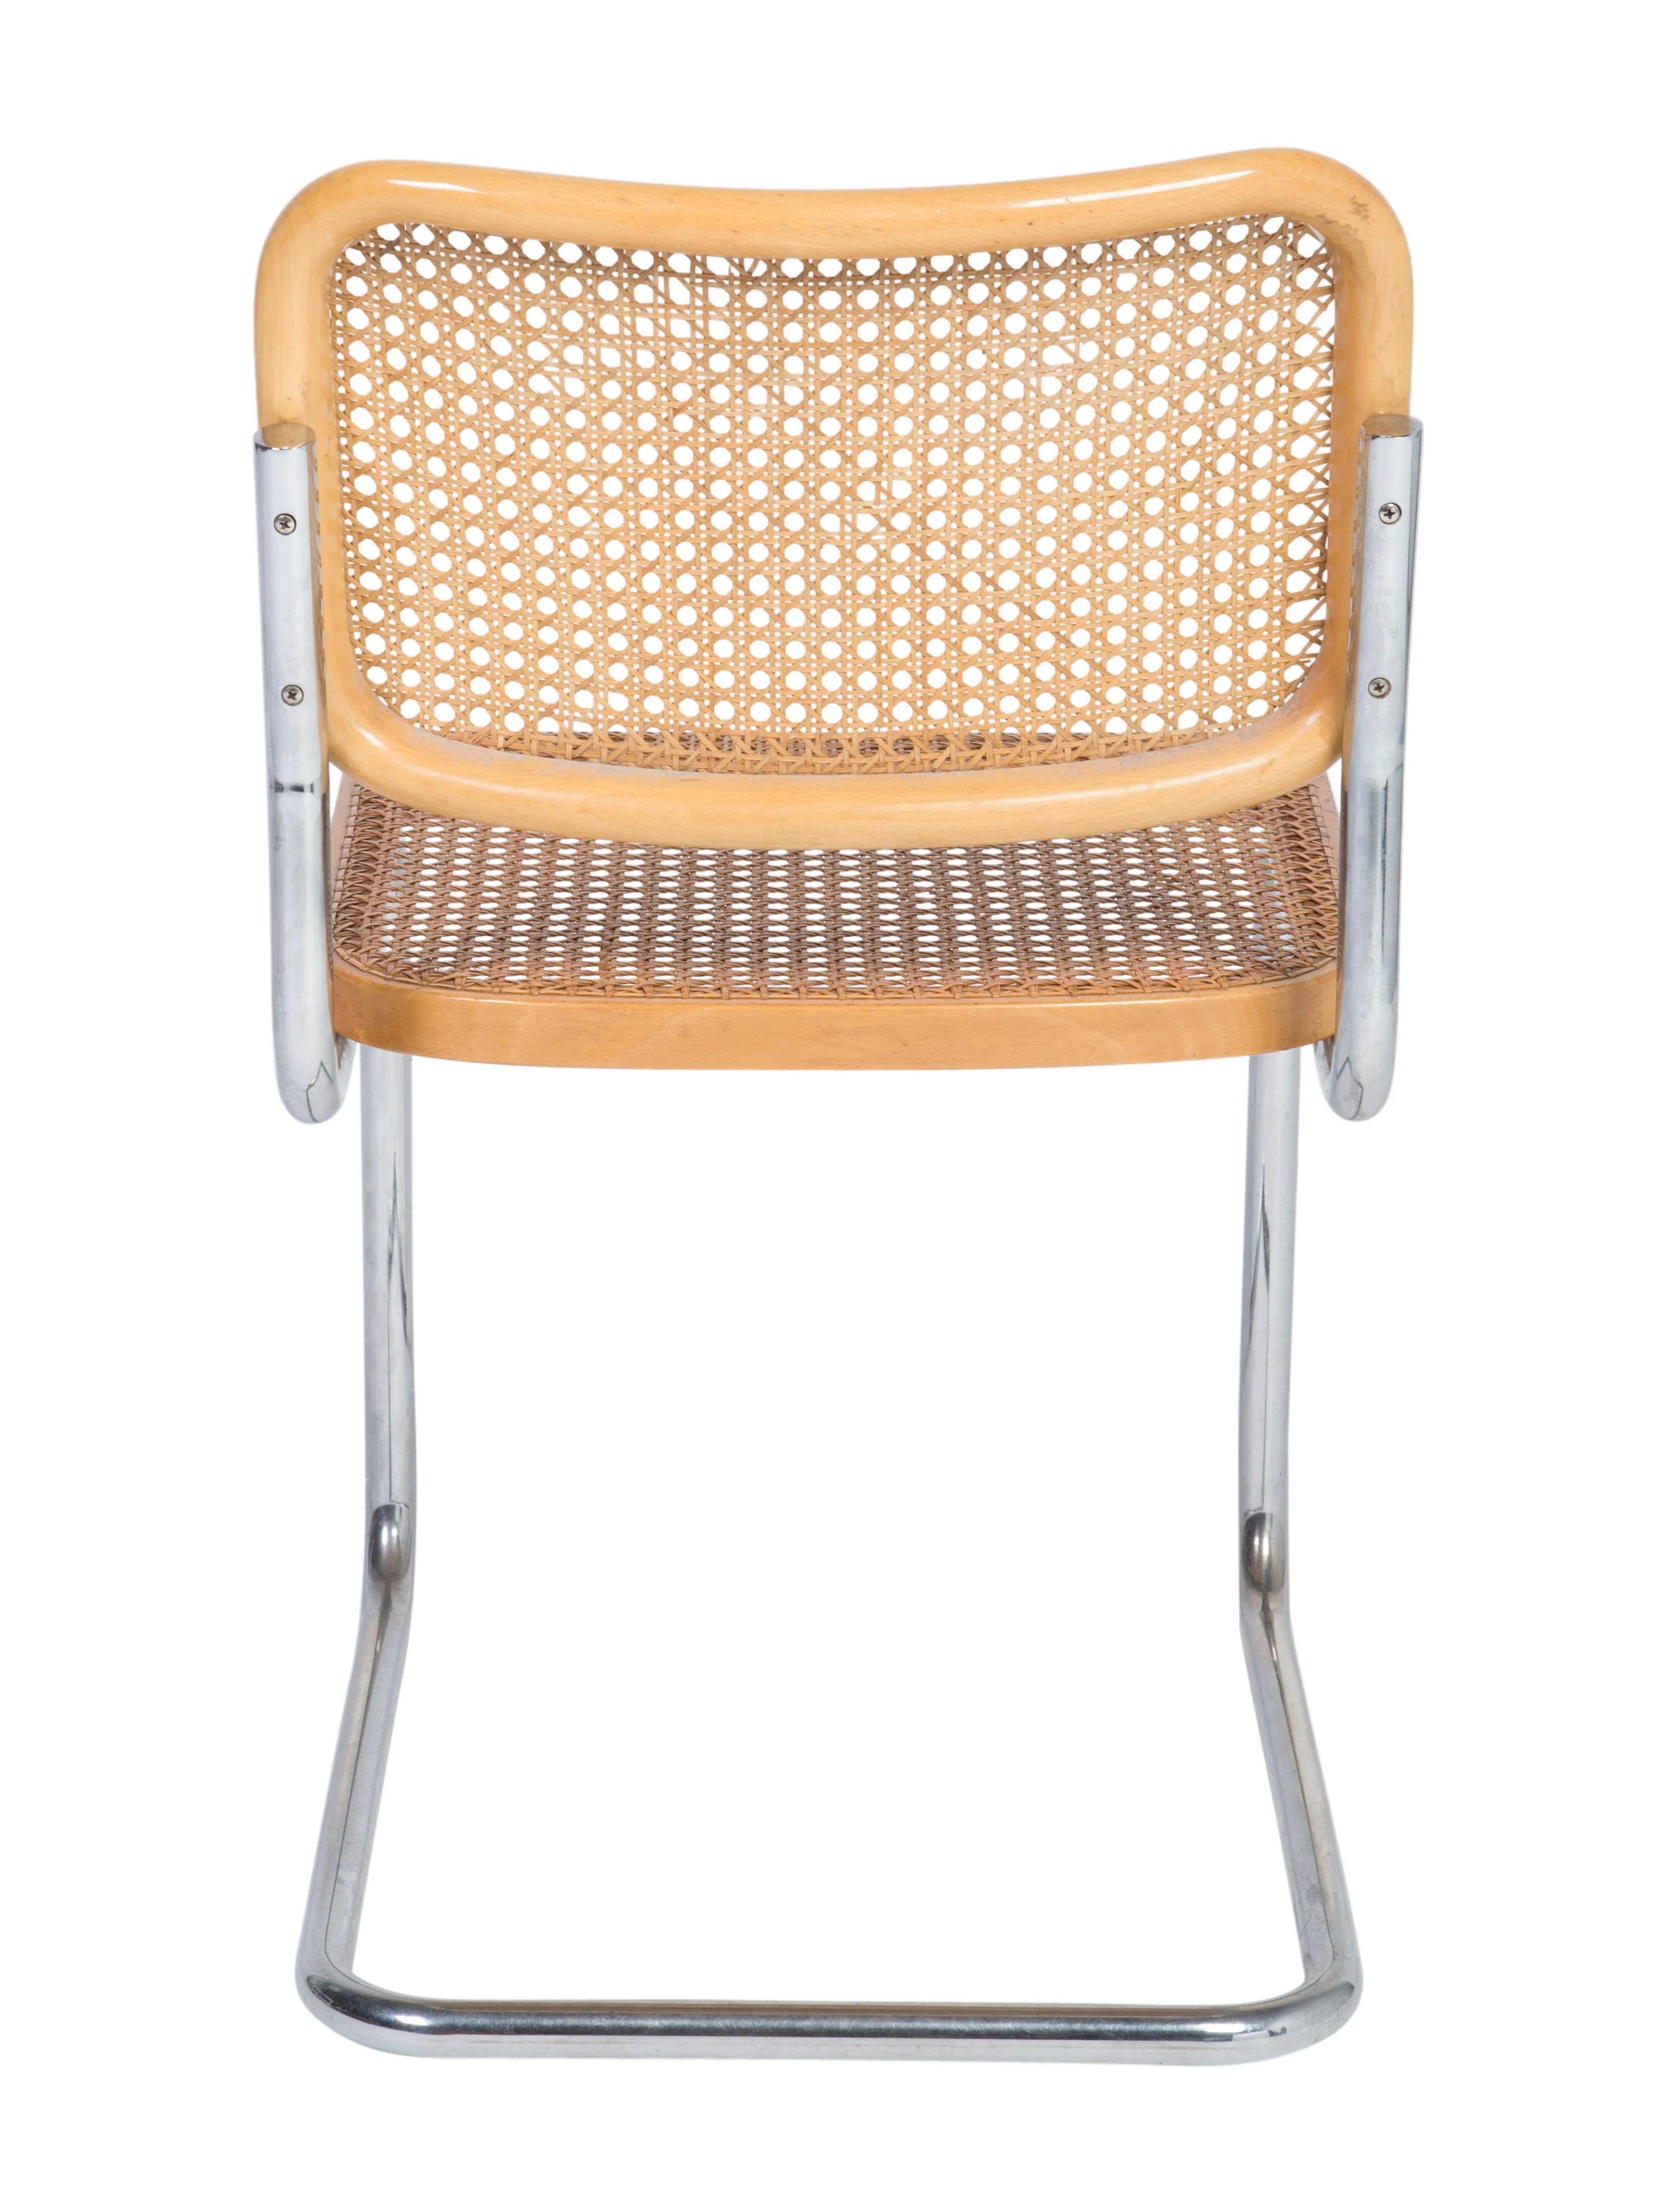 marcel breuer cesca chair with armrests shaker ladder back knoll side furniture